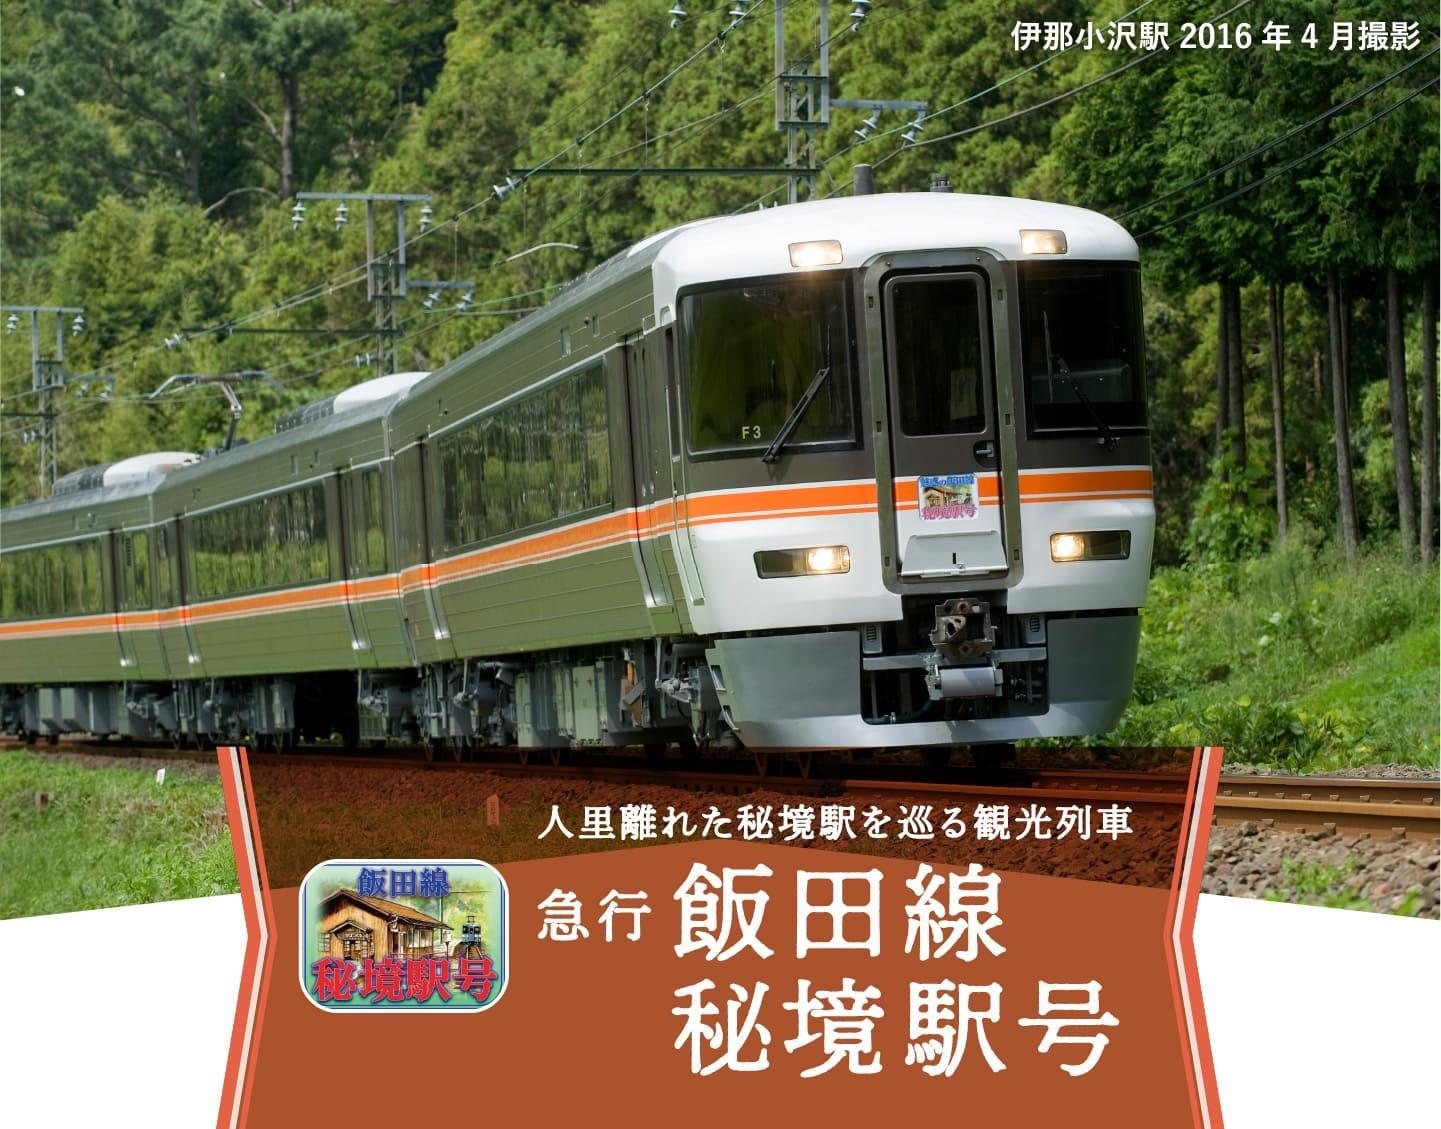 急行 飯田線秘境駅号